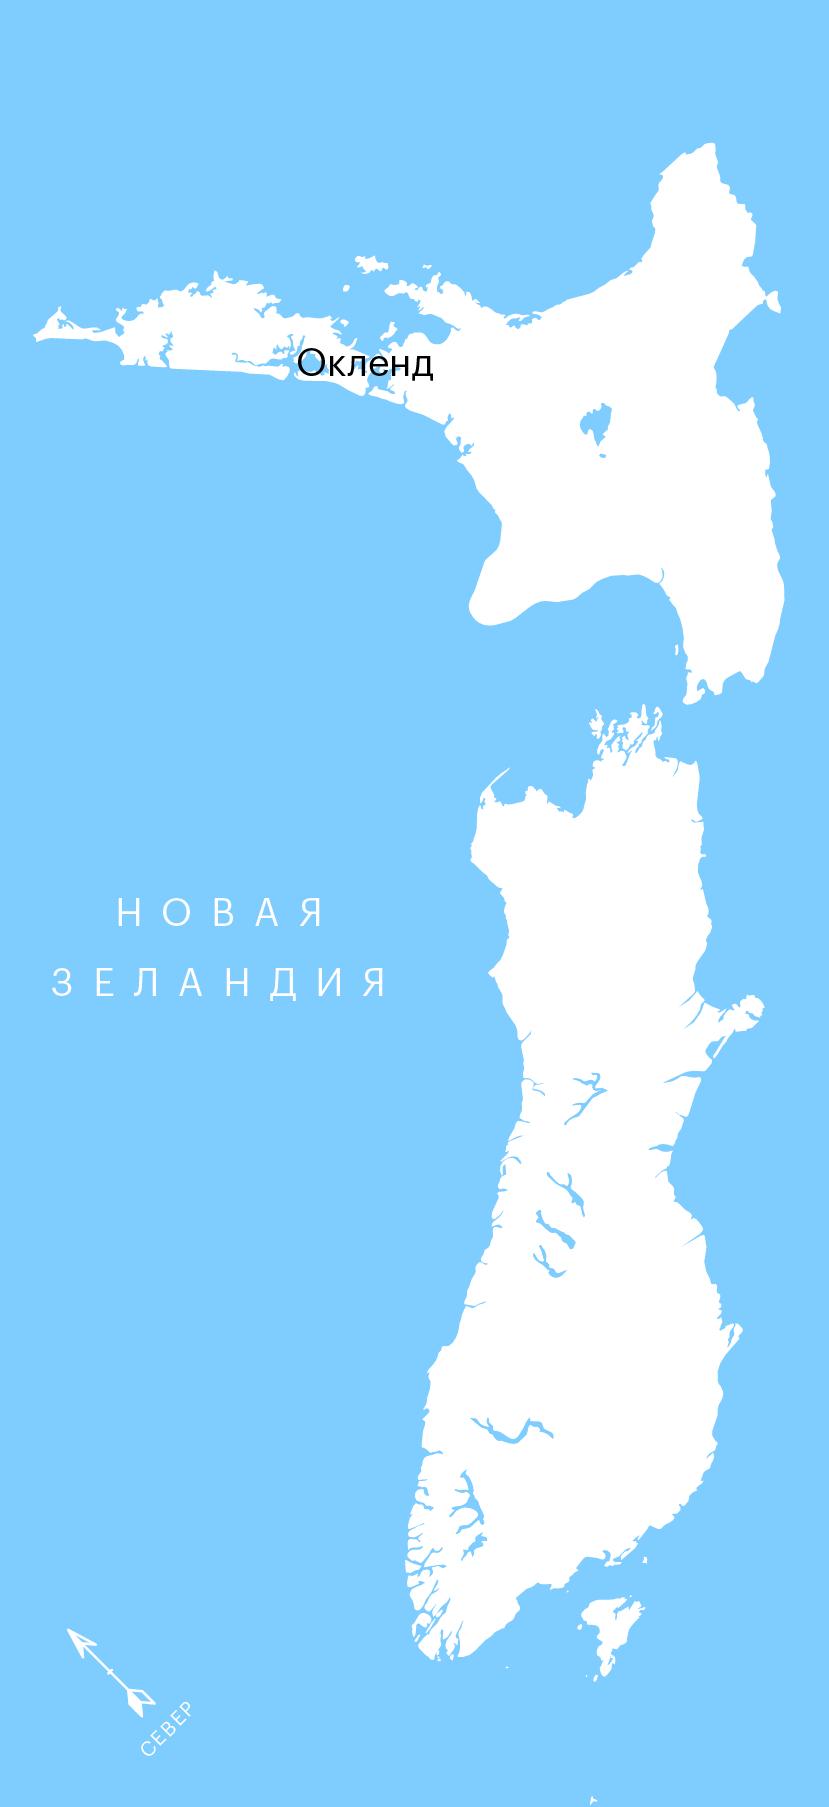 Эмиграция в Новую Зеландию из России: способы переезда на ПМЖ, отзывы